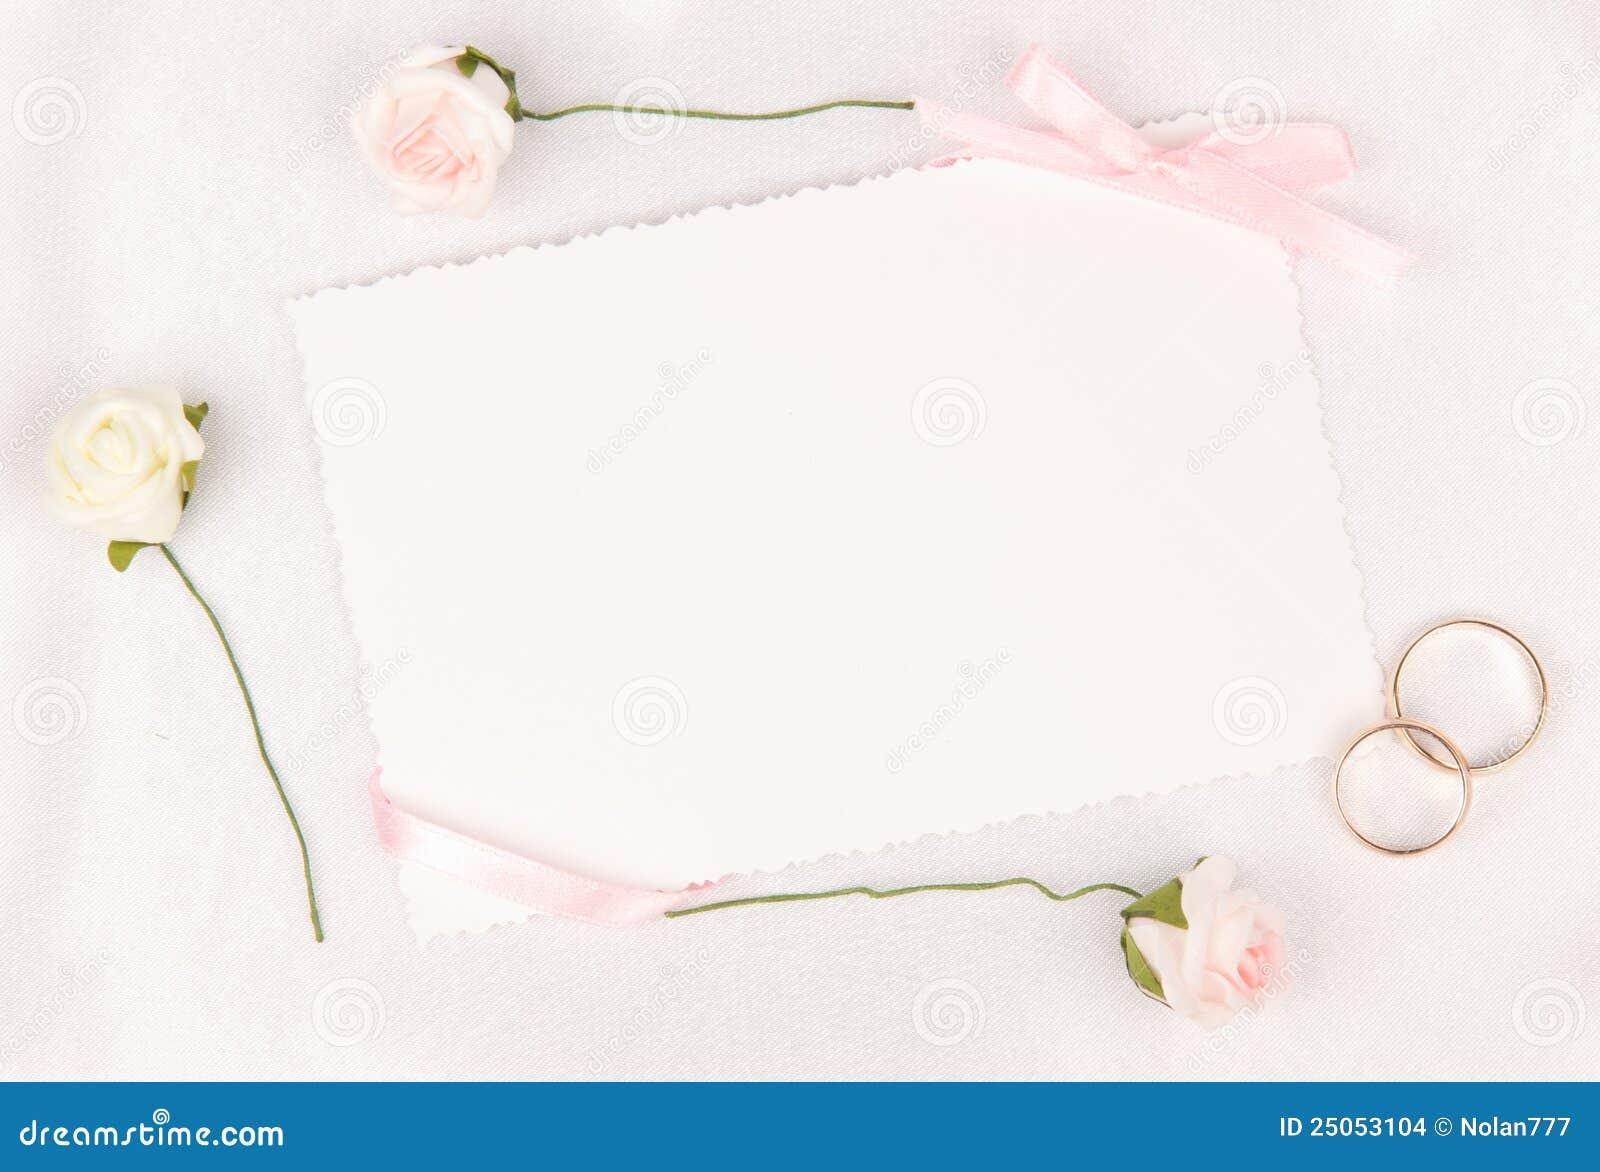 Cartões De Casamento: Cartão Para Acessórios Do Texto E Dos Casamentos Imagens